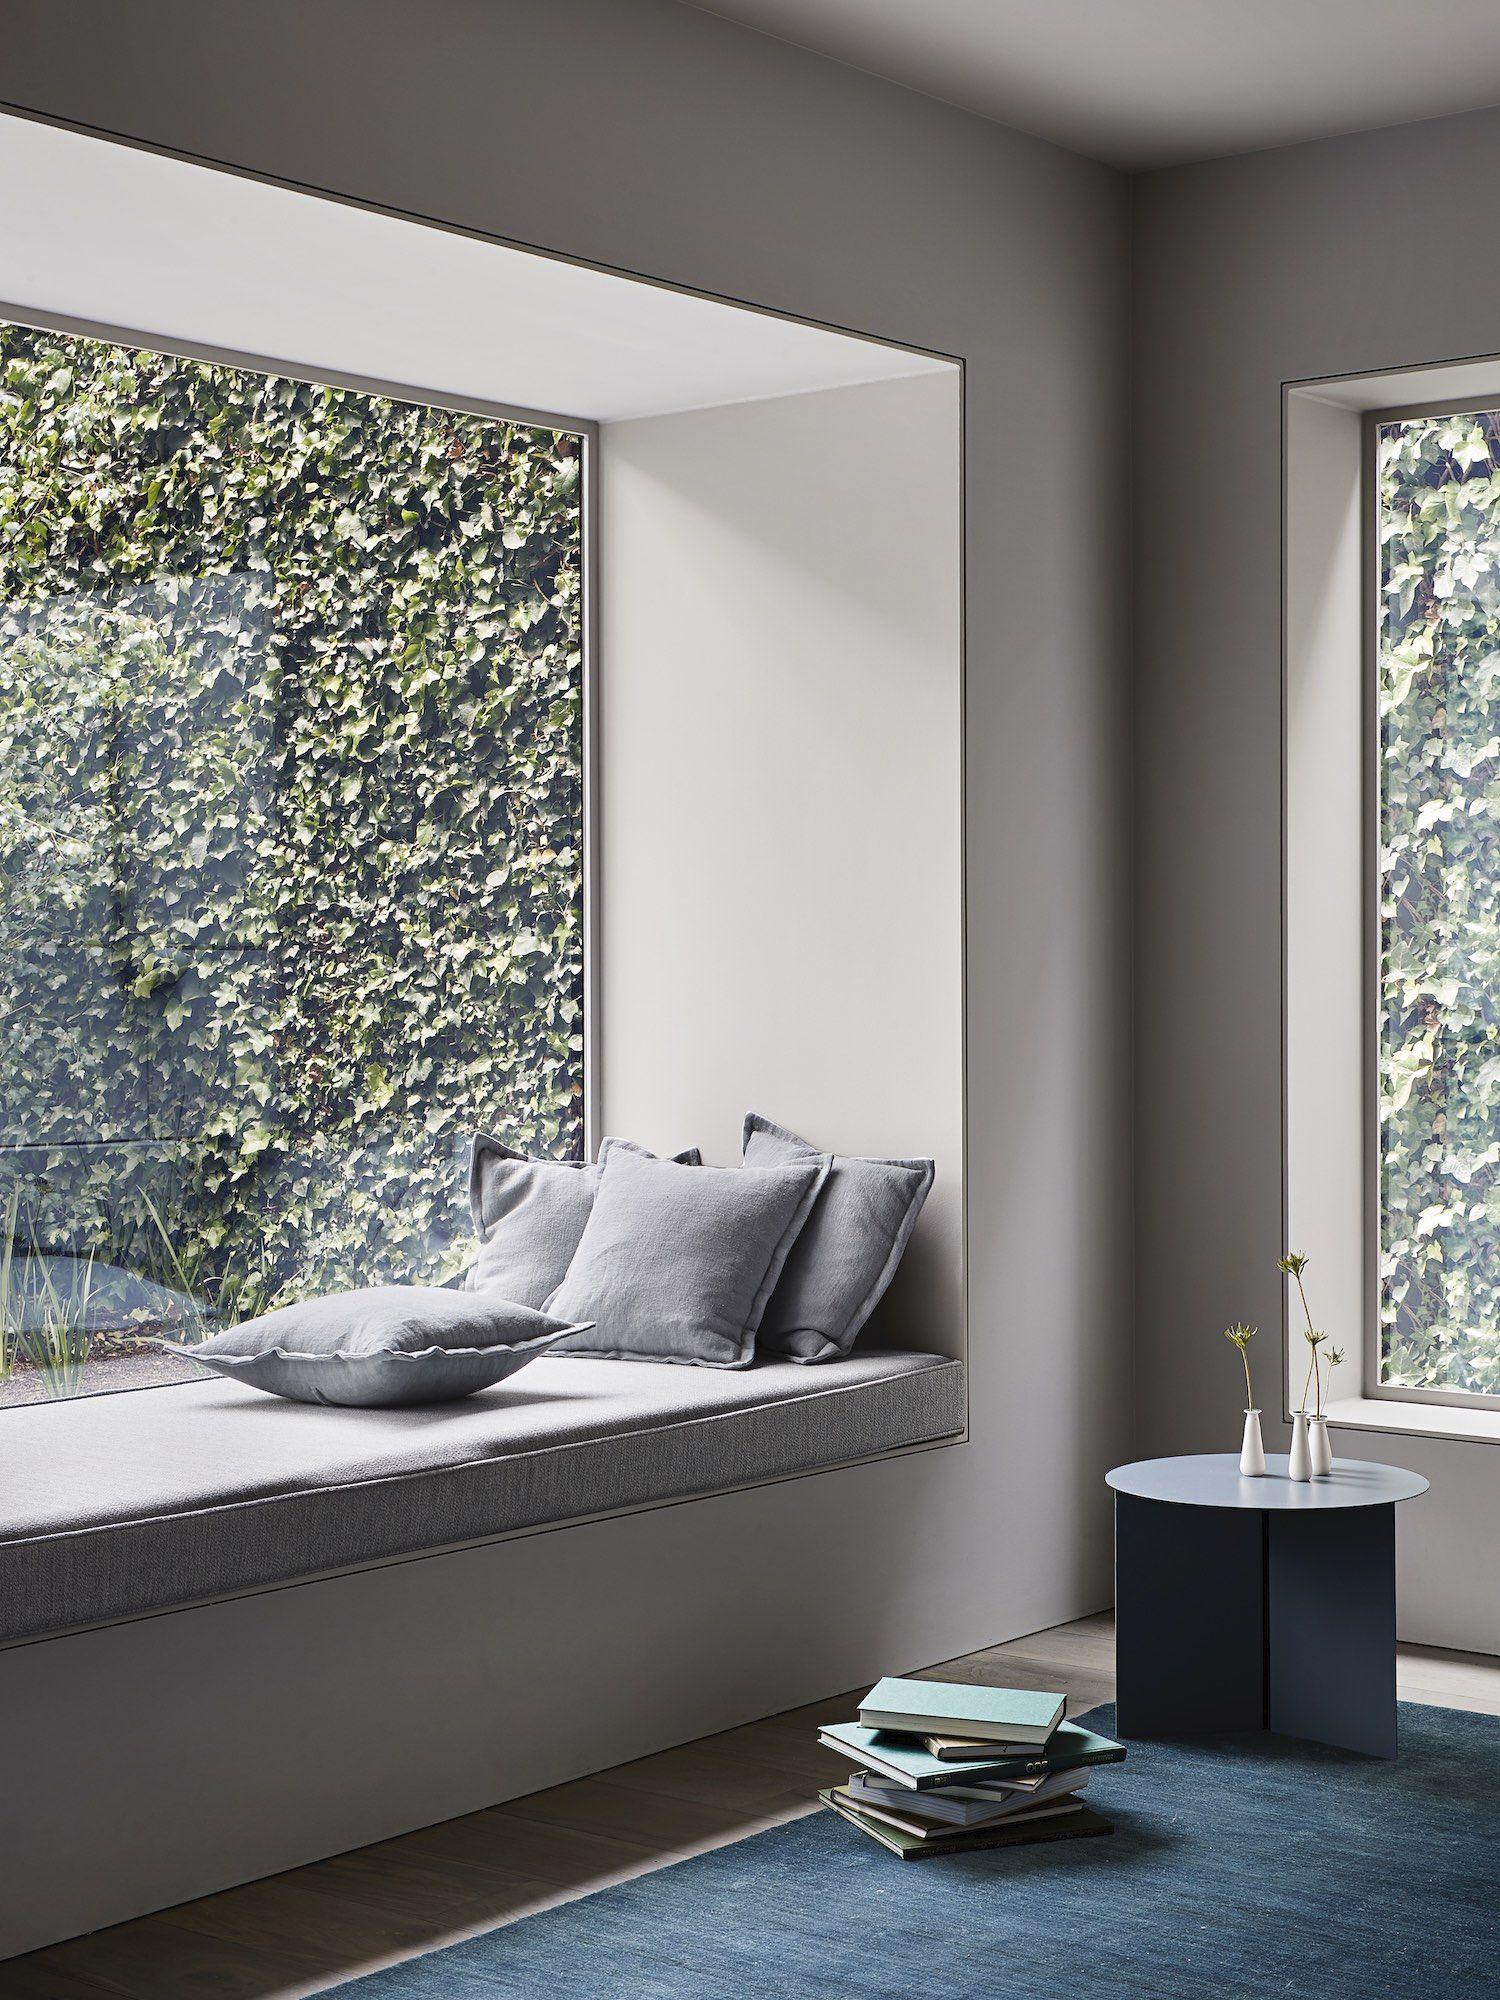 Best of est 2019 in 2020 Australian design, Interior